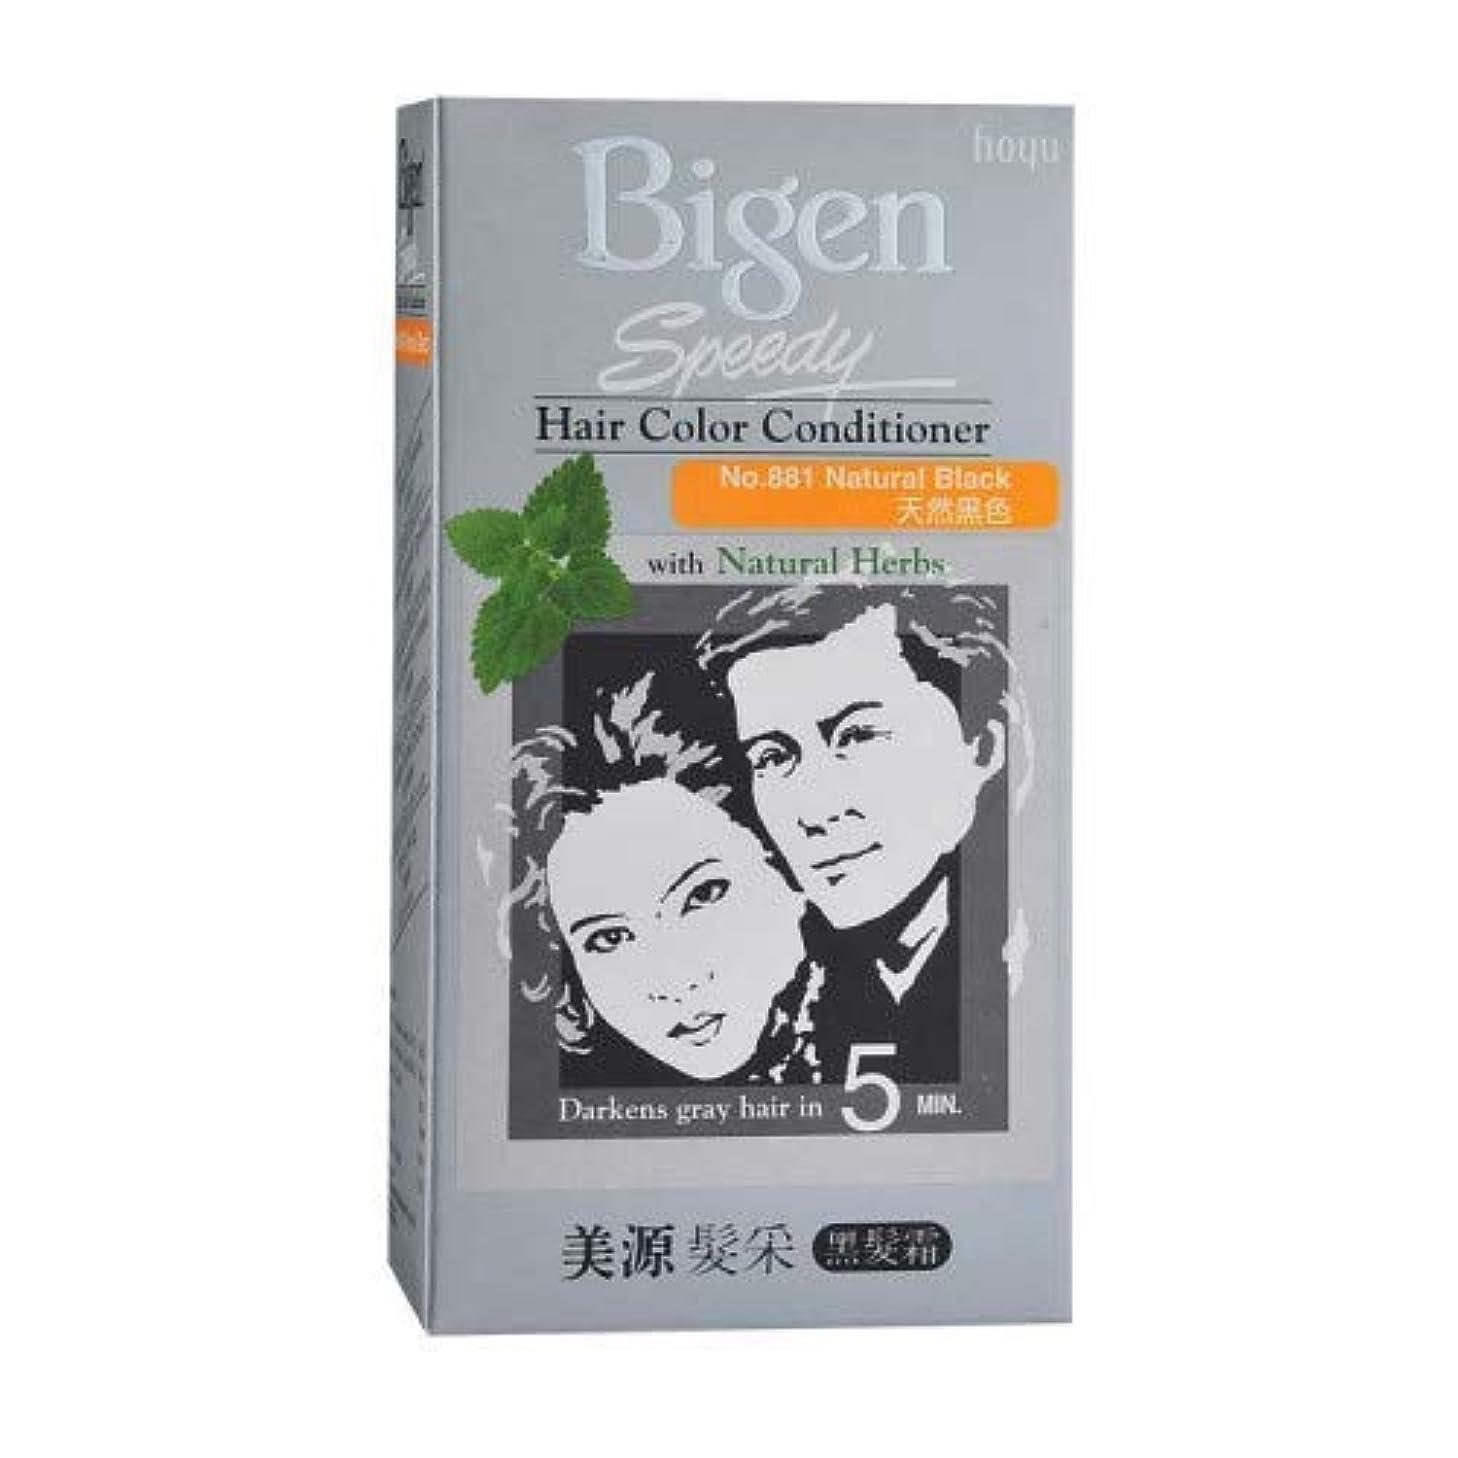 リークホステス煙BIGEN 高速髪の色自然な黒い髪のケアと天然ハーブ1